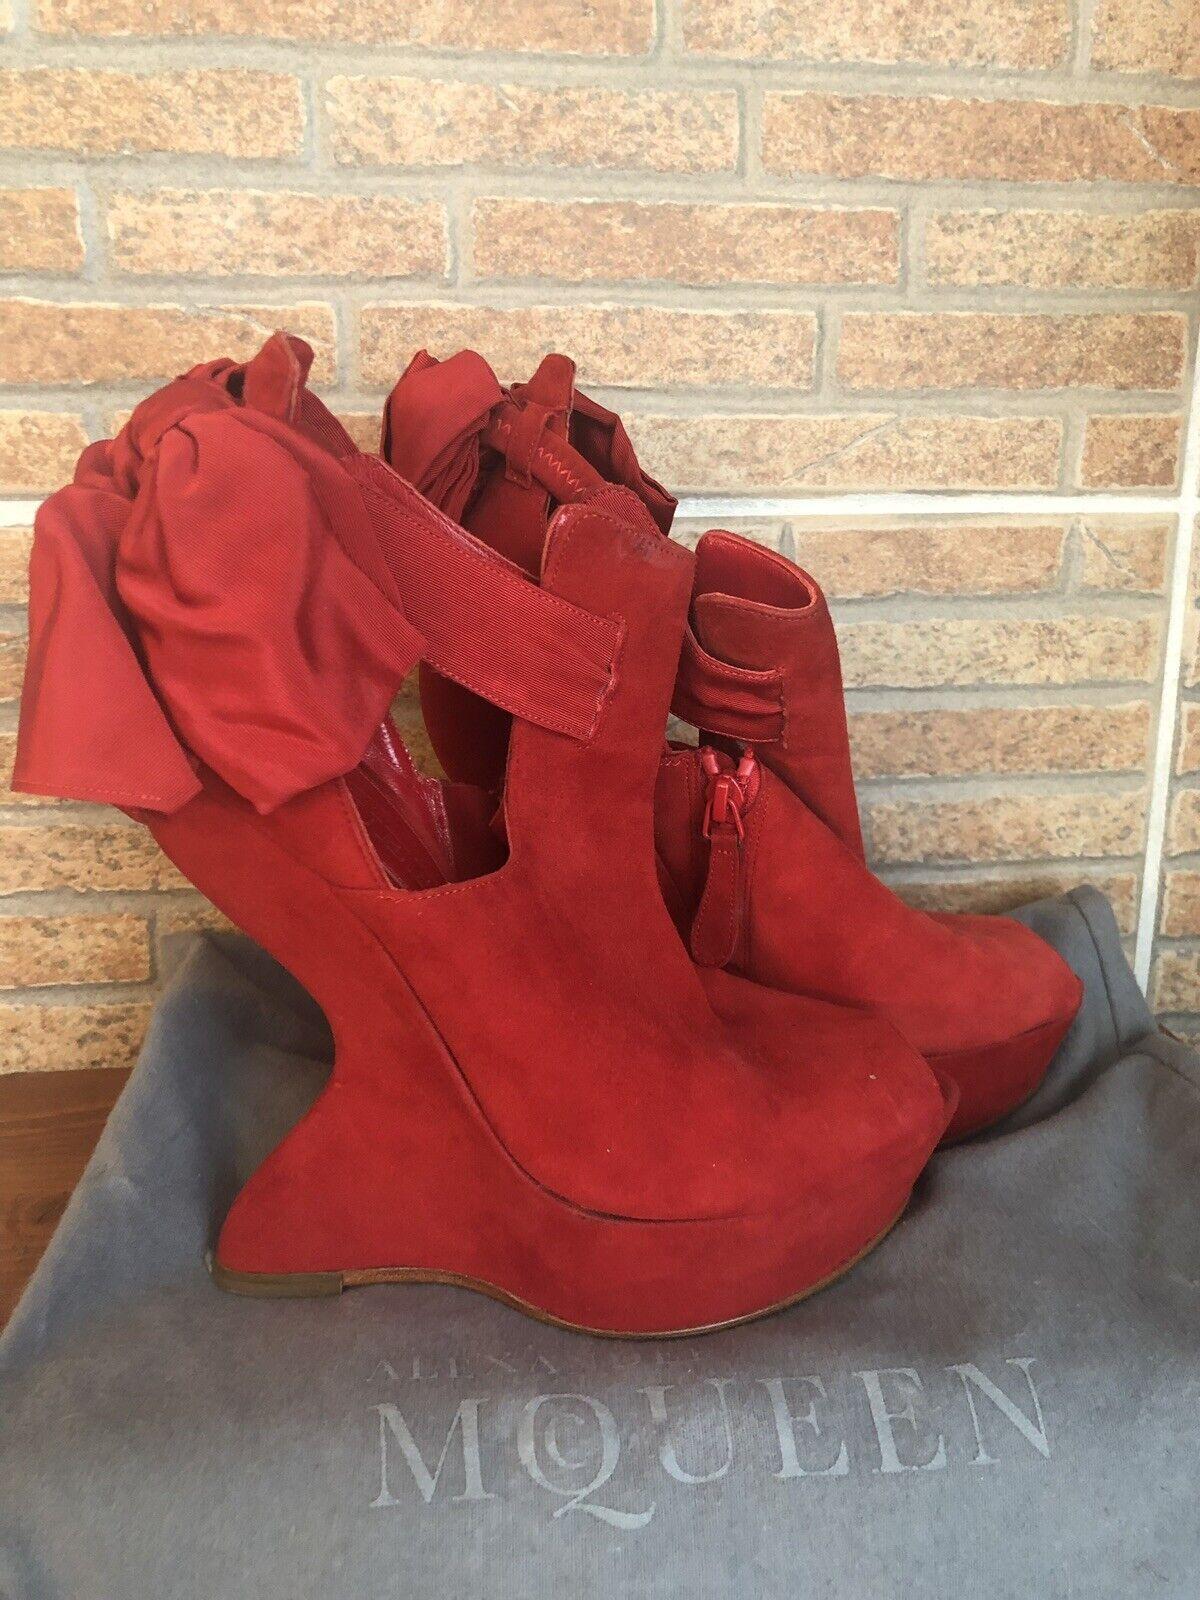 Alexandrer McQueen röd moede -plattform för kvinnor skor klacksandaler 7 -37